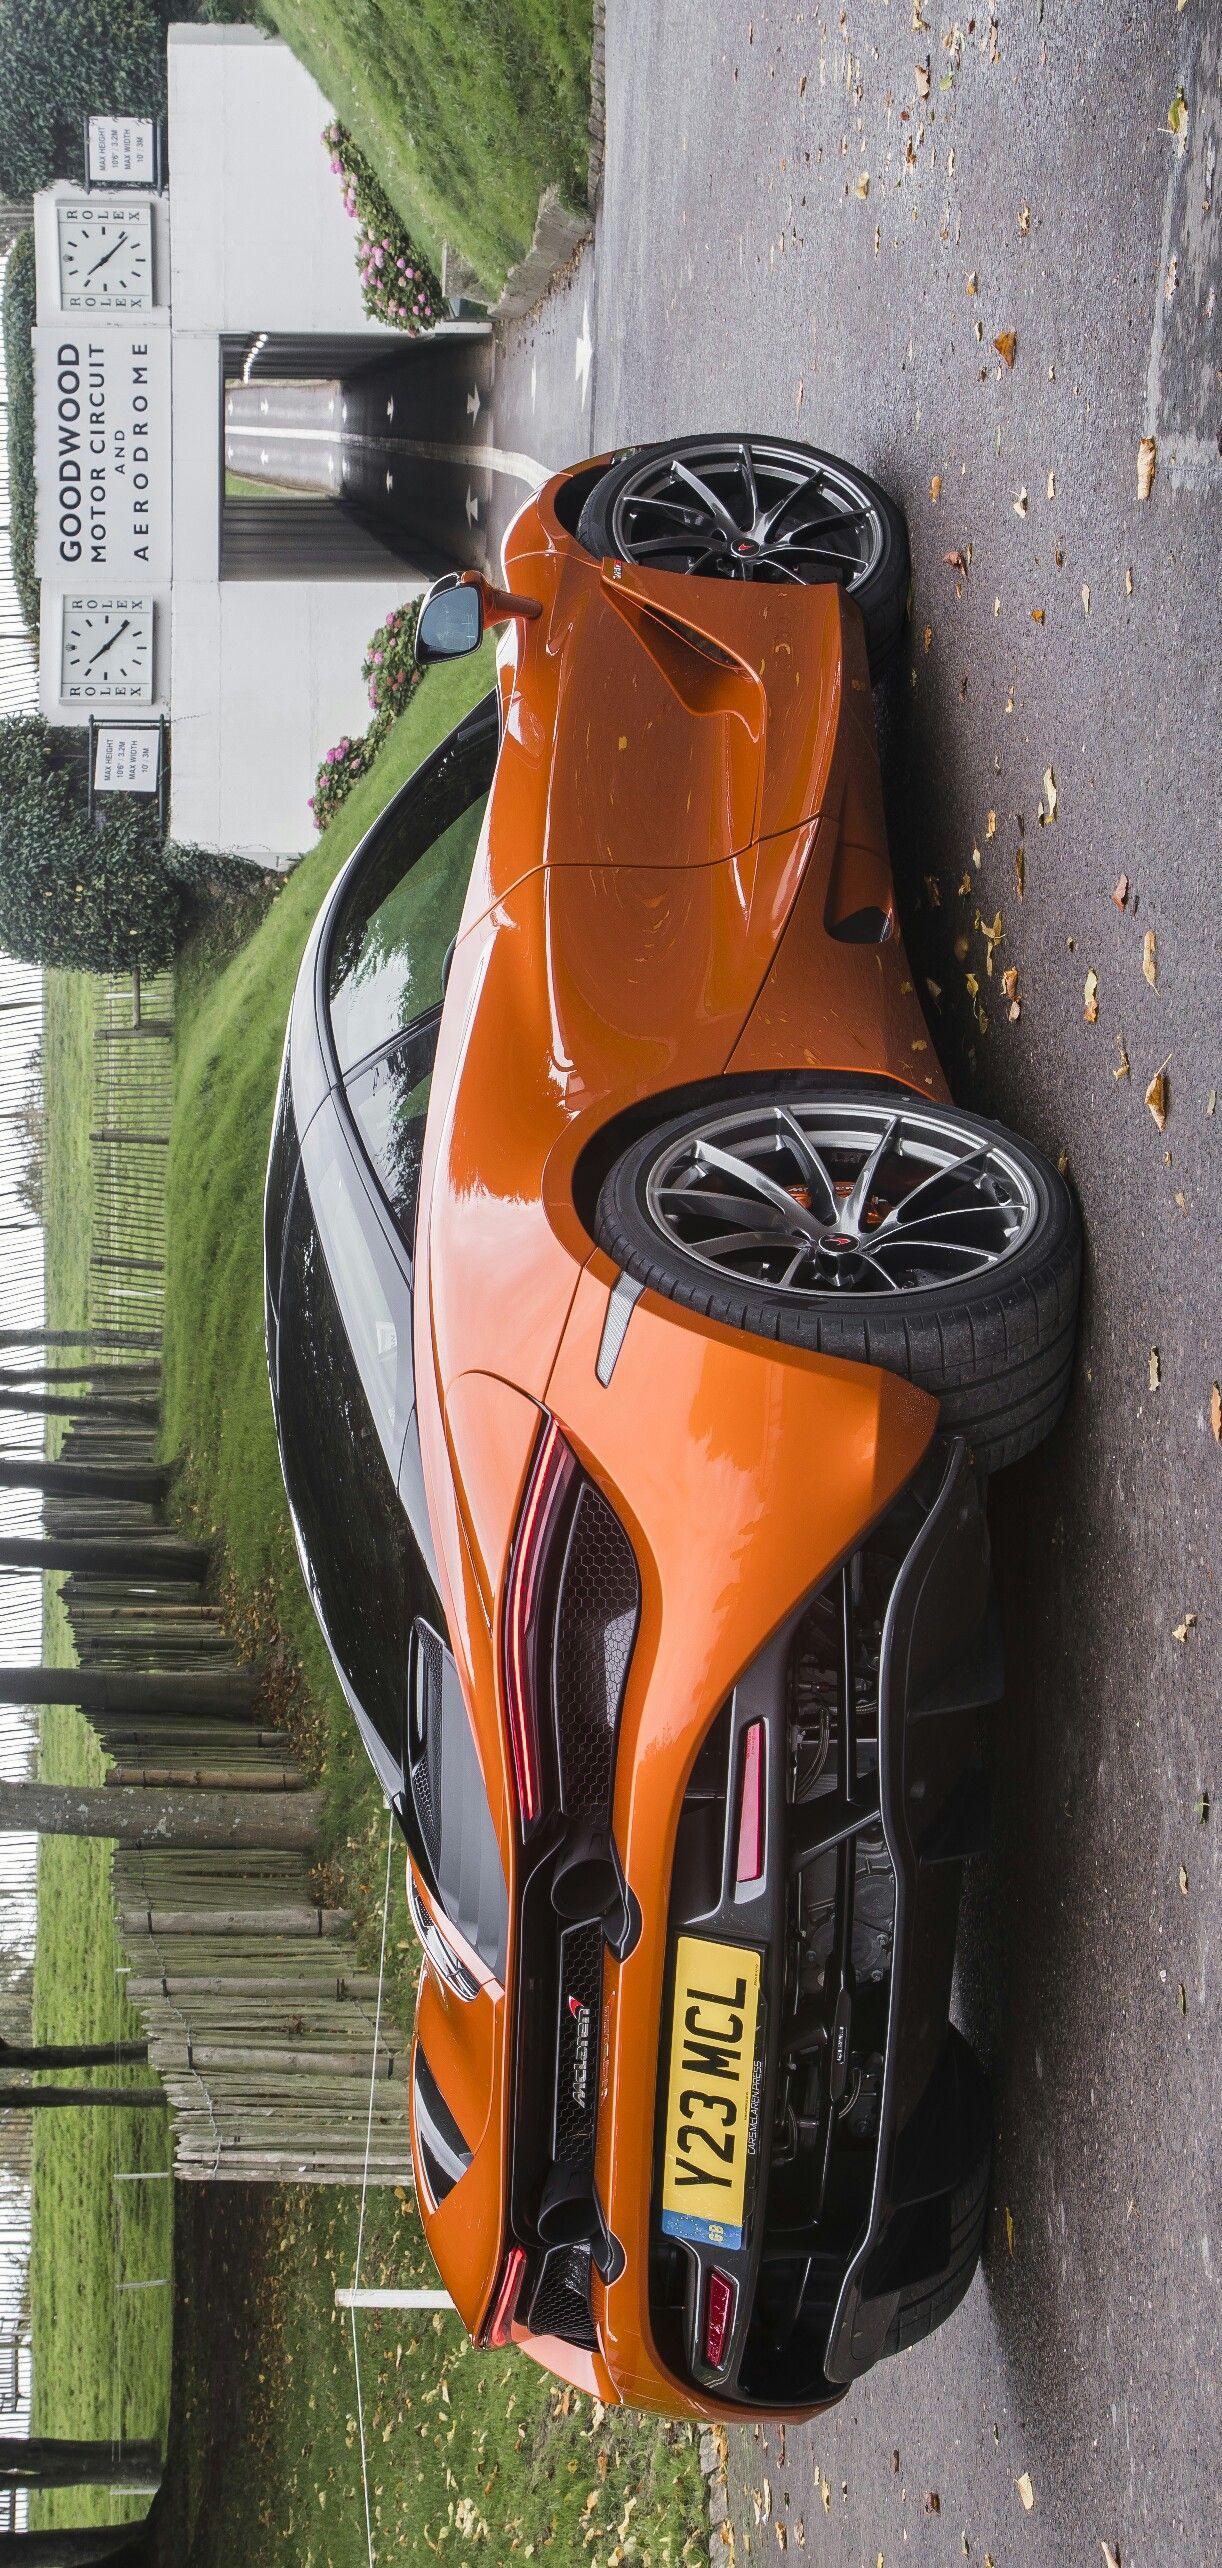 2018 McLaren 720s Super sport cars, Cool sports cars